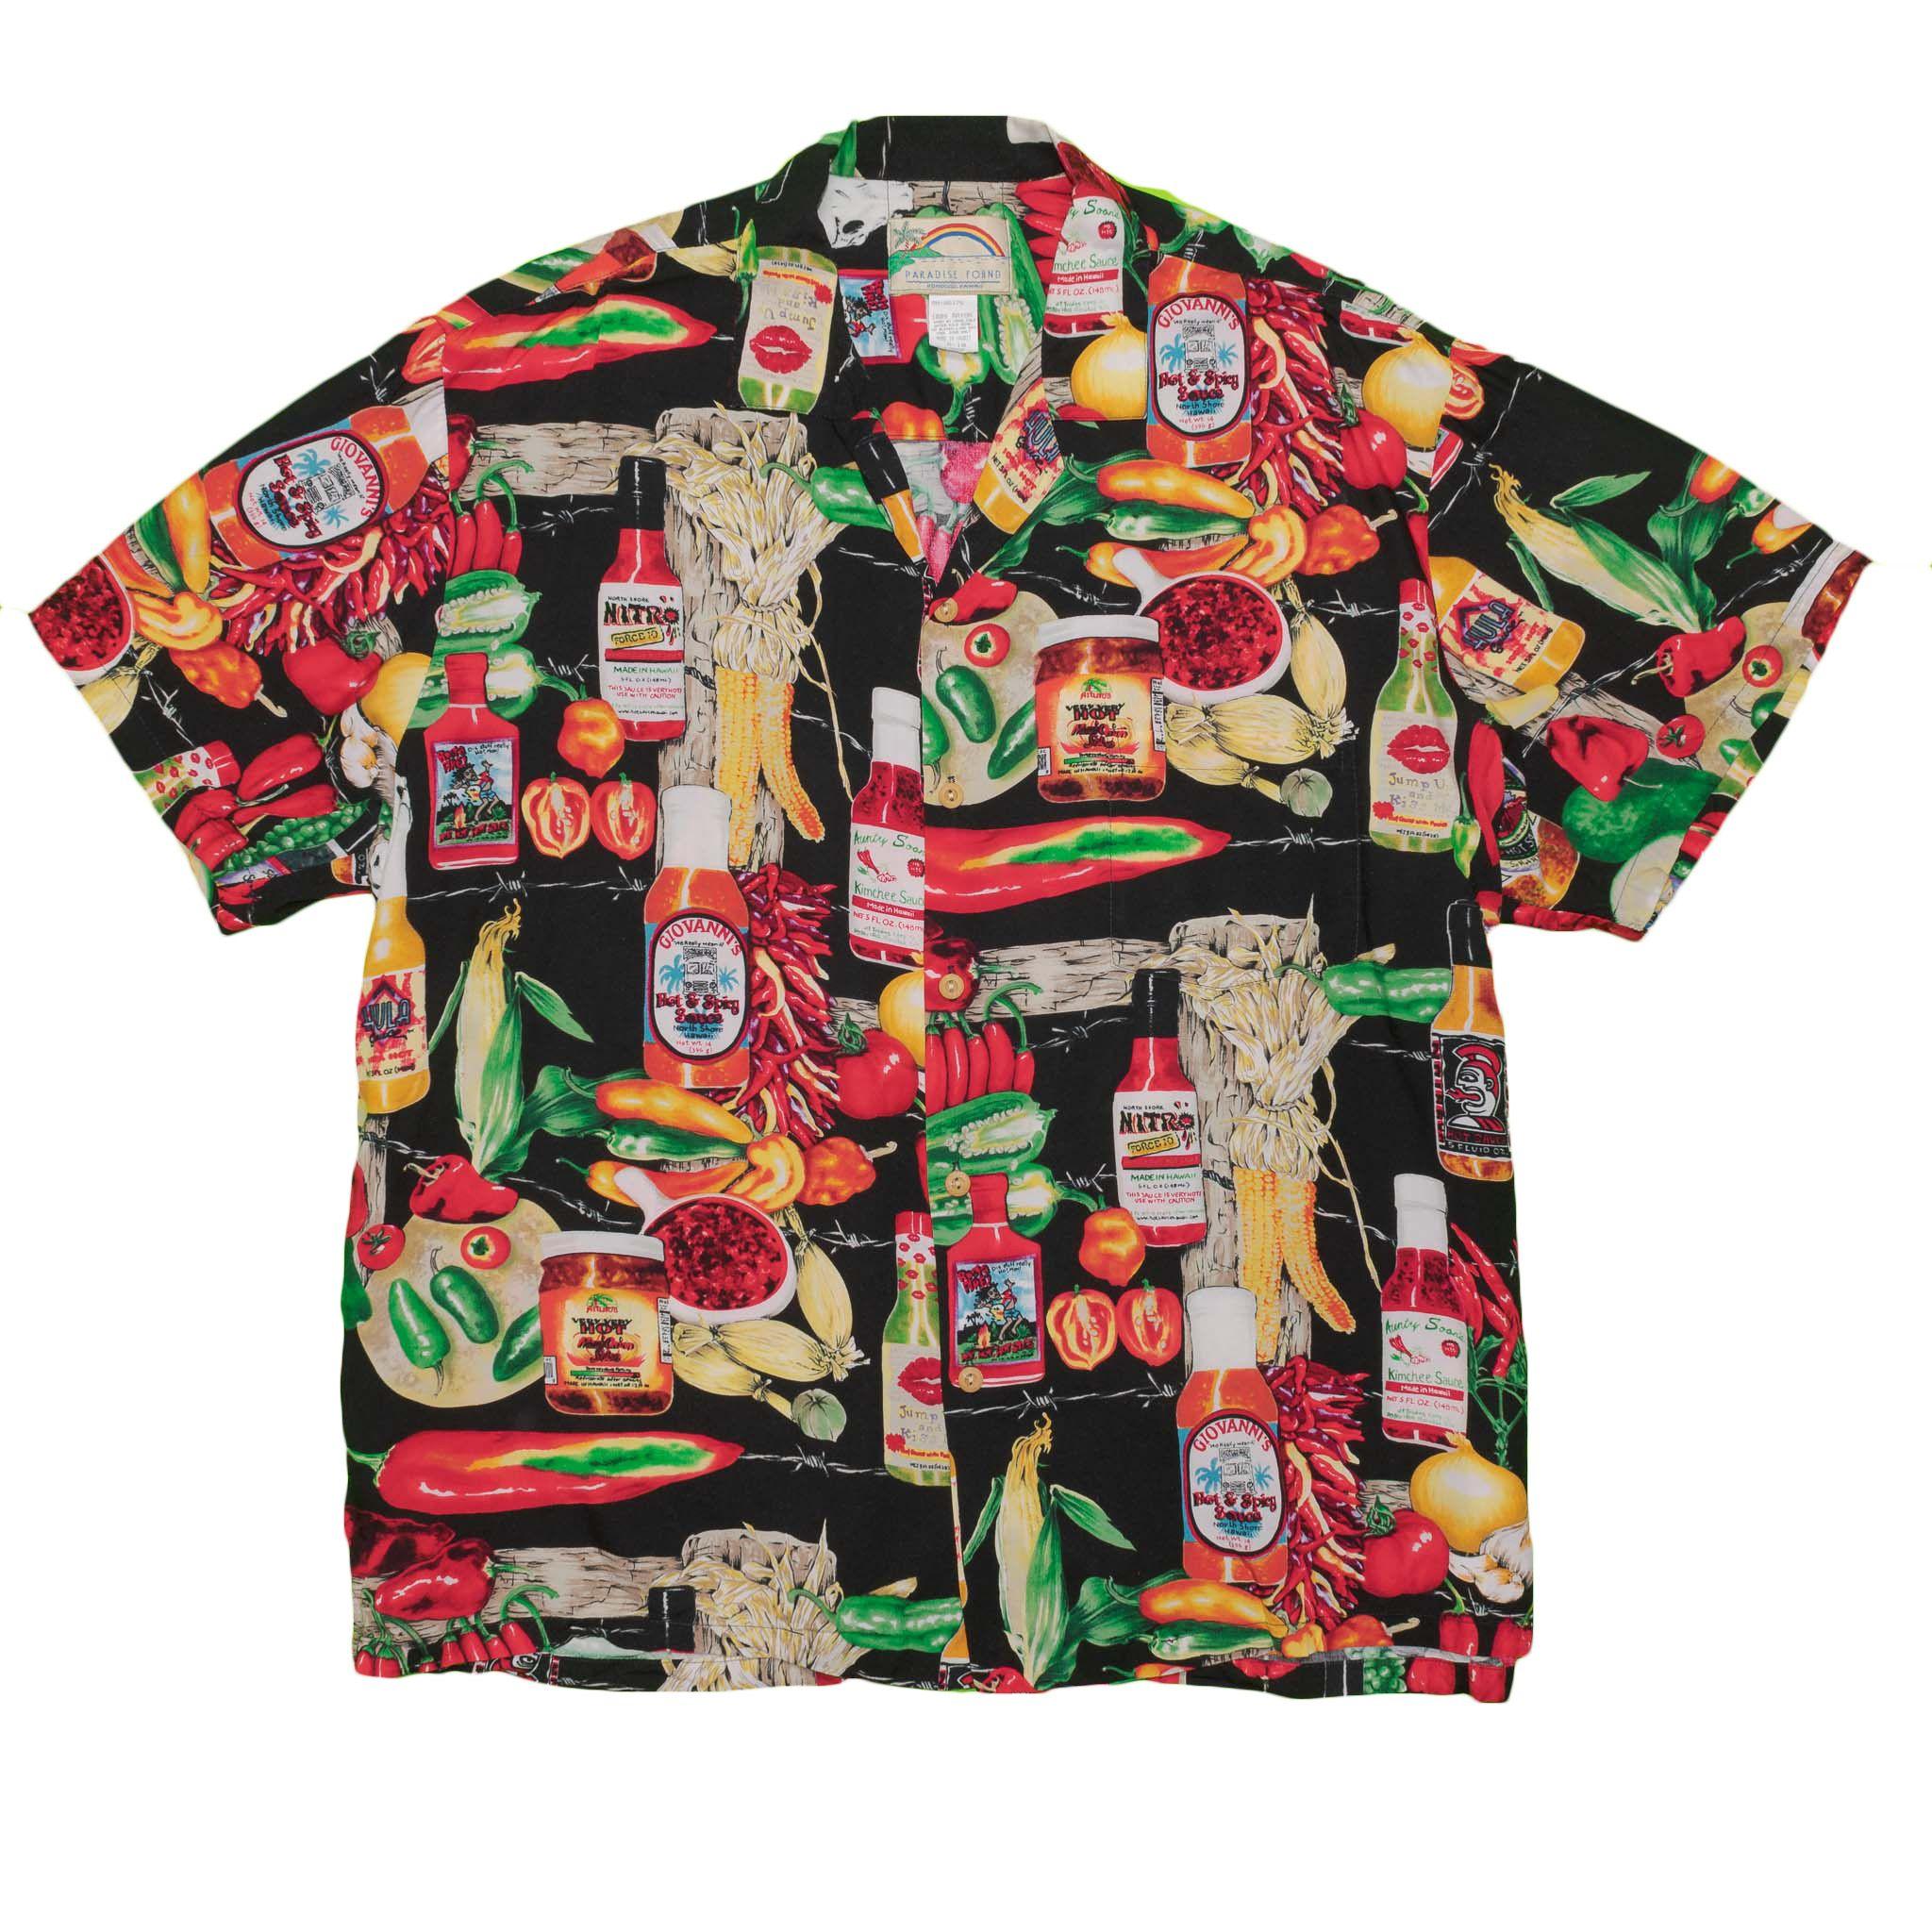 Qiangjinjiu Mens Printted Cotton Short Sleeve Turn Down Collar Button Down Polo Shirt